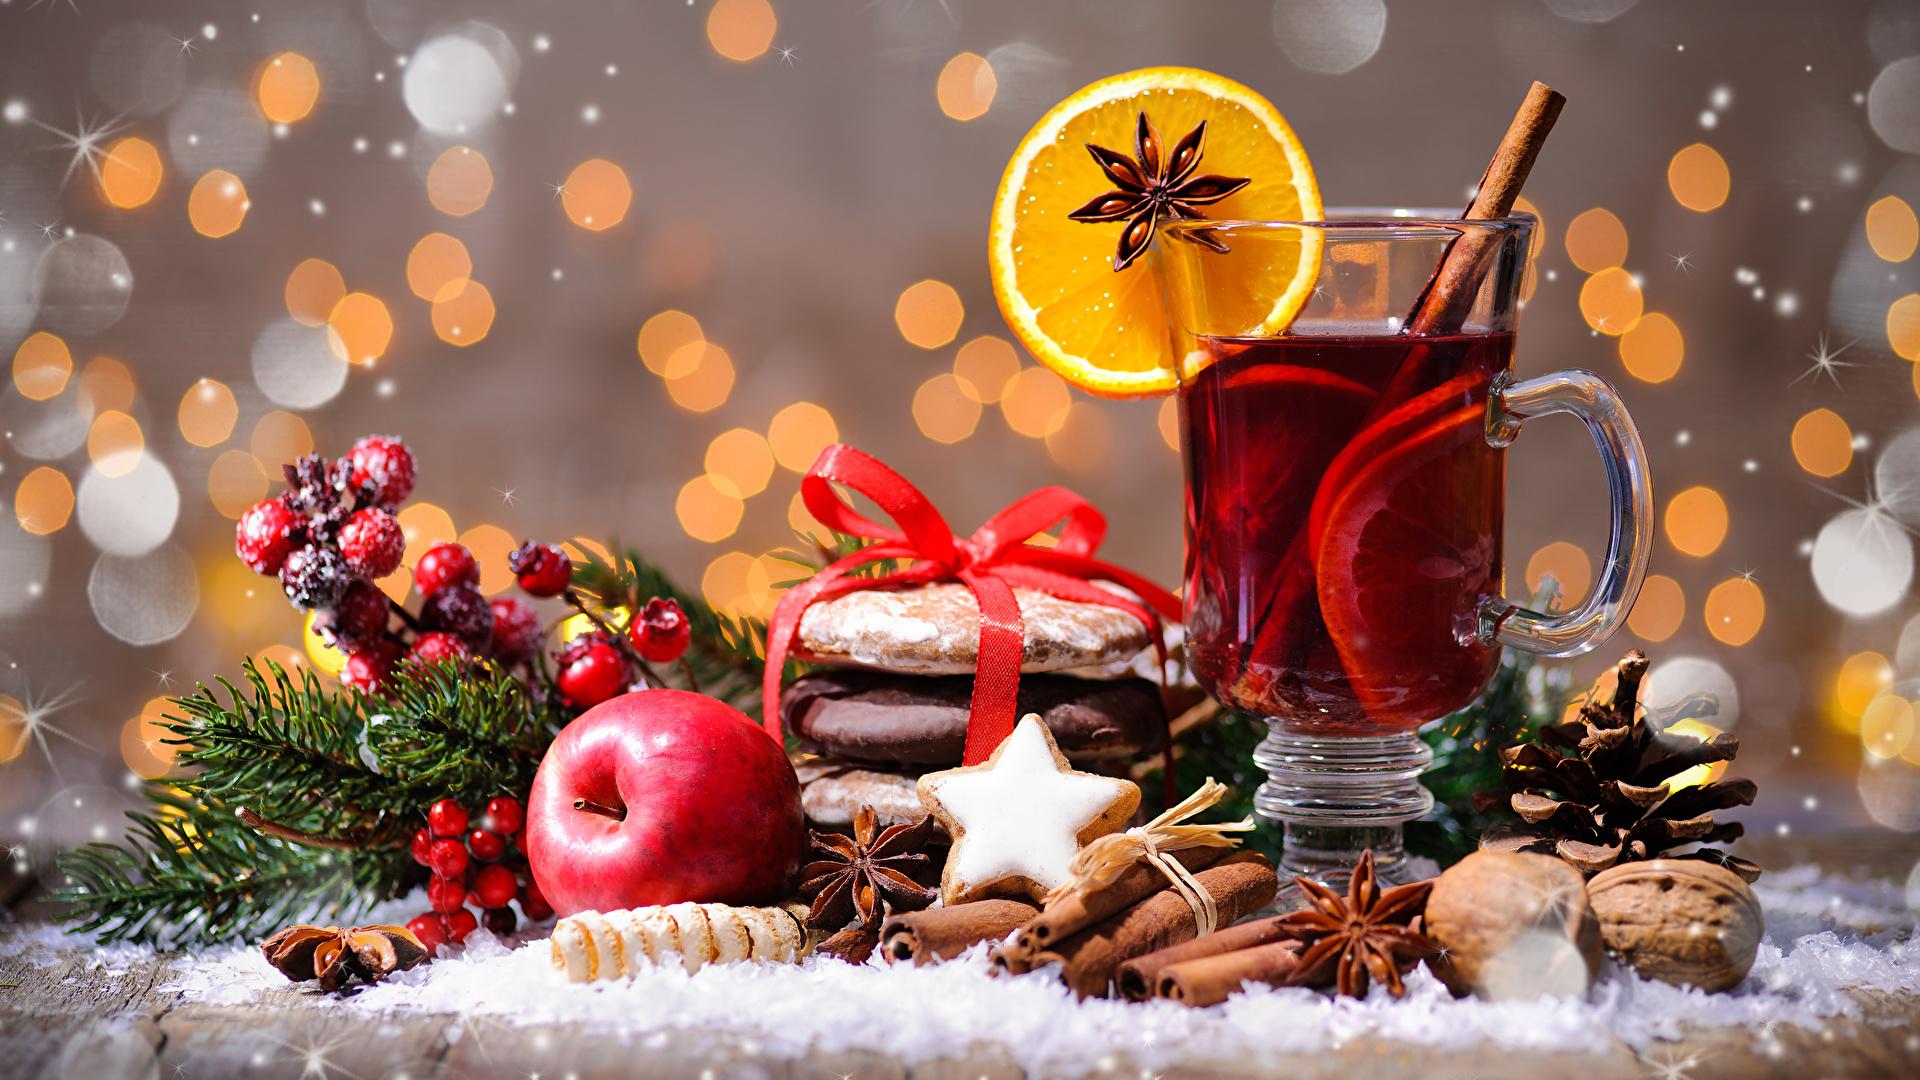 Фото Новый год Чай Бадьян звезда аниса Стакан Яблоки Корица Чашка Печенье Продукты питания Орехи 1920x1080 Рождество Еда Пища